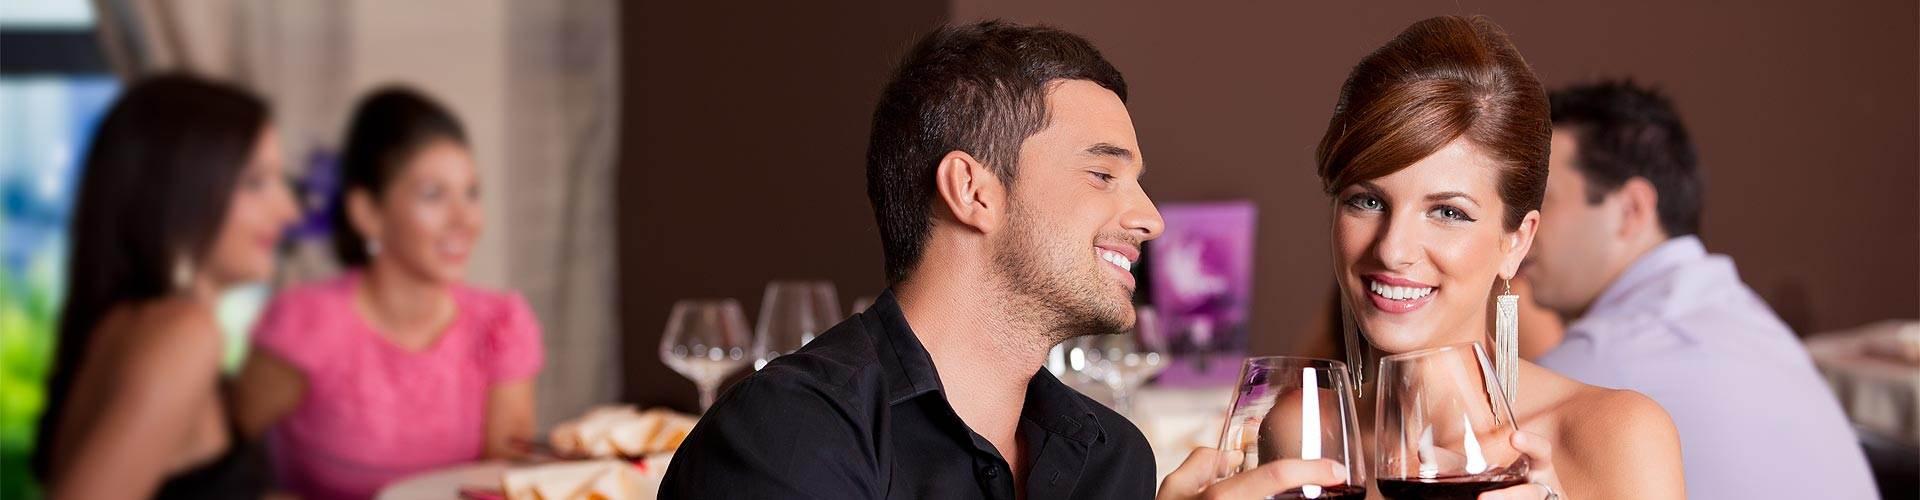 noche especial san valentin en restaurantes de Granada